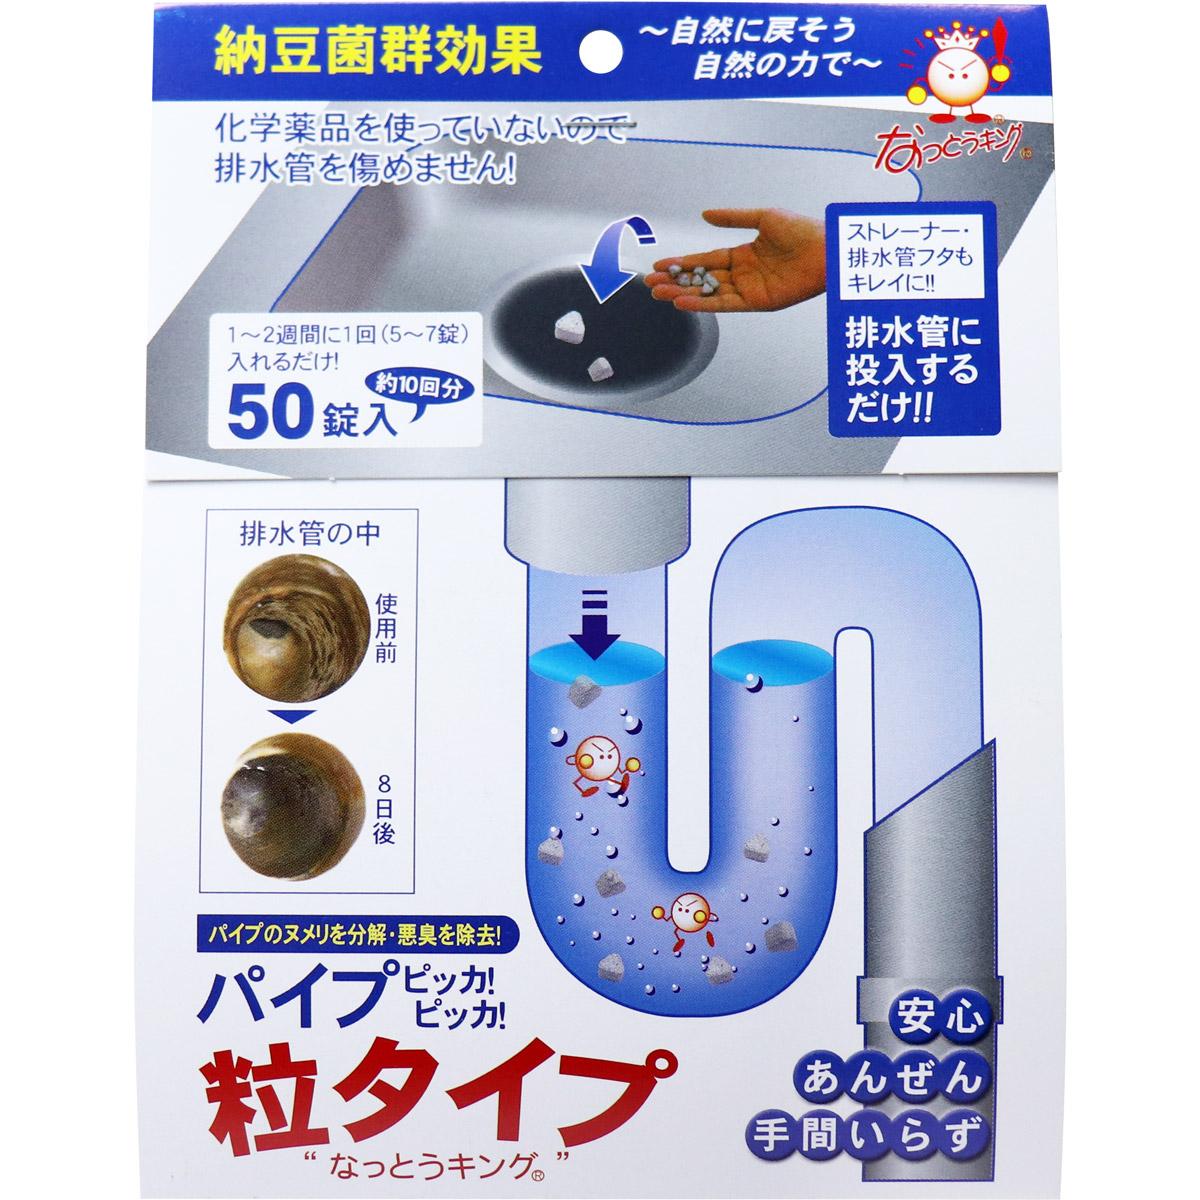 なっとうキング パイプ ピッカ!ピッカ! 排水管用洗浄剤 粒タイプ 50錠入